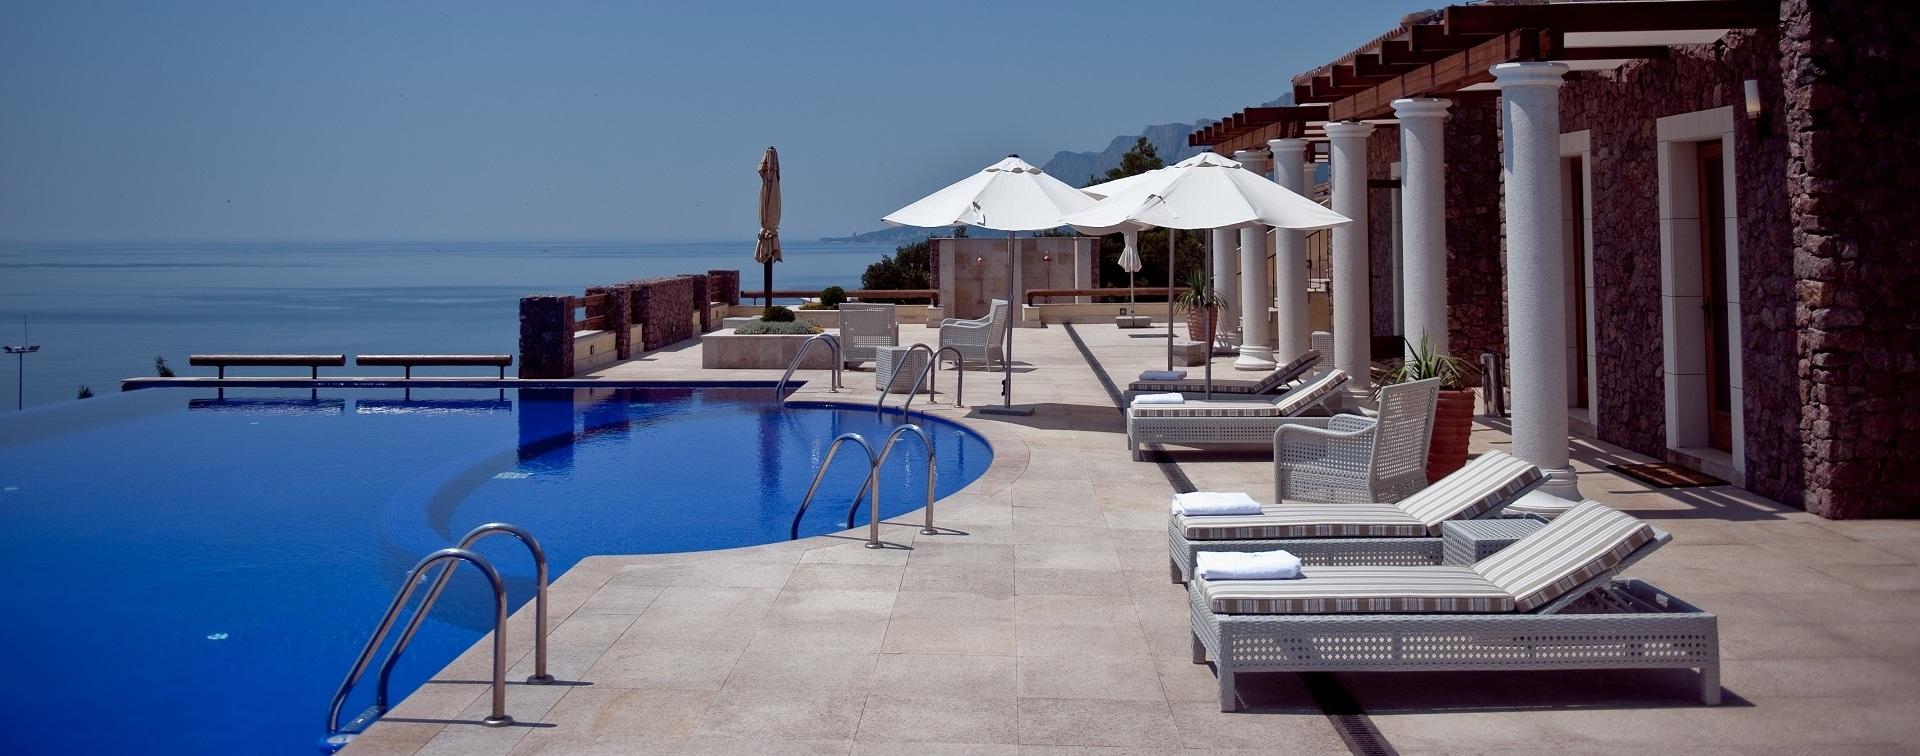 Фото крымский бриз отель крым